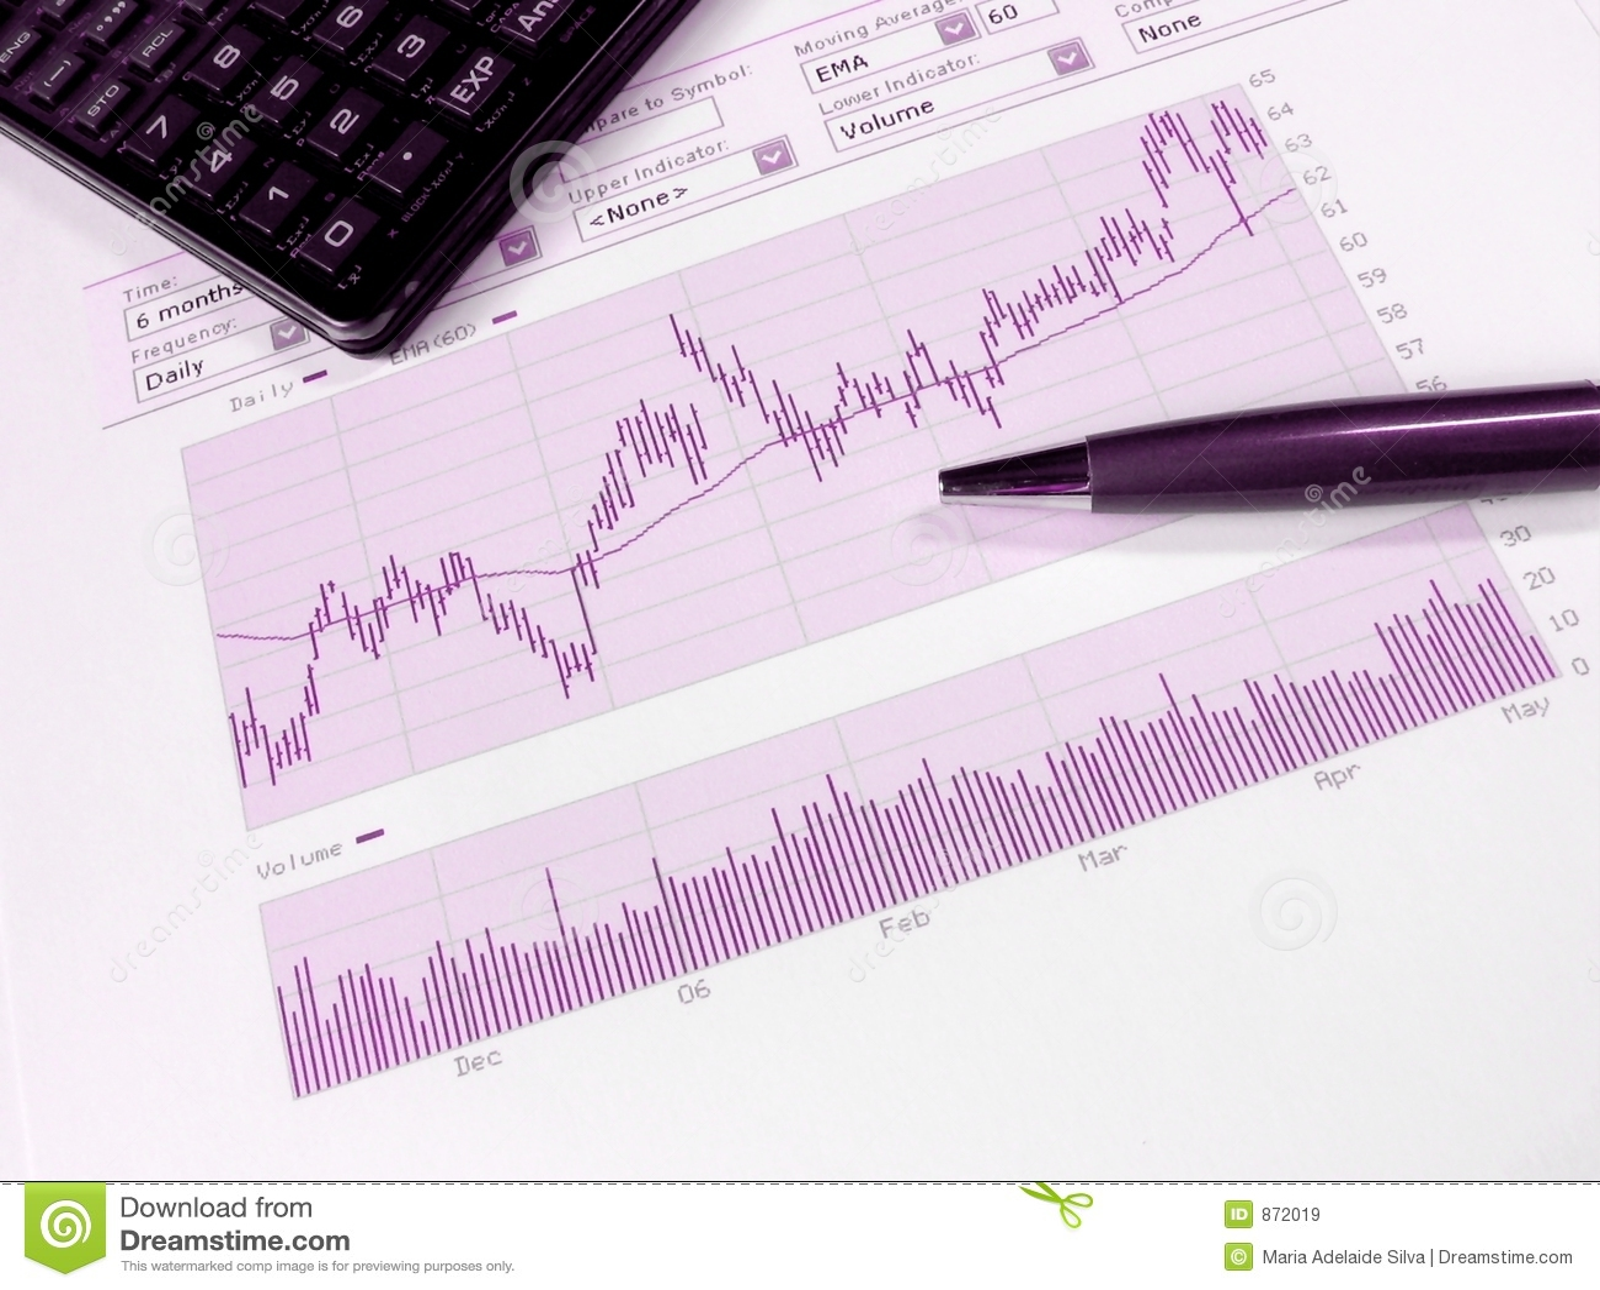 NYSEARCA:USOU - United States 3x Oil Fund Stock Price, News, & Analysis